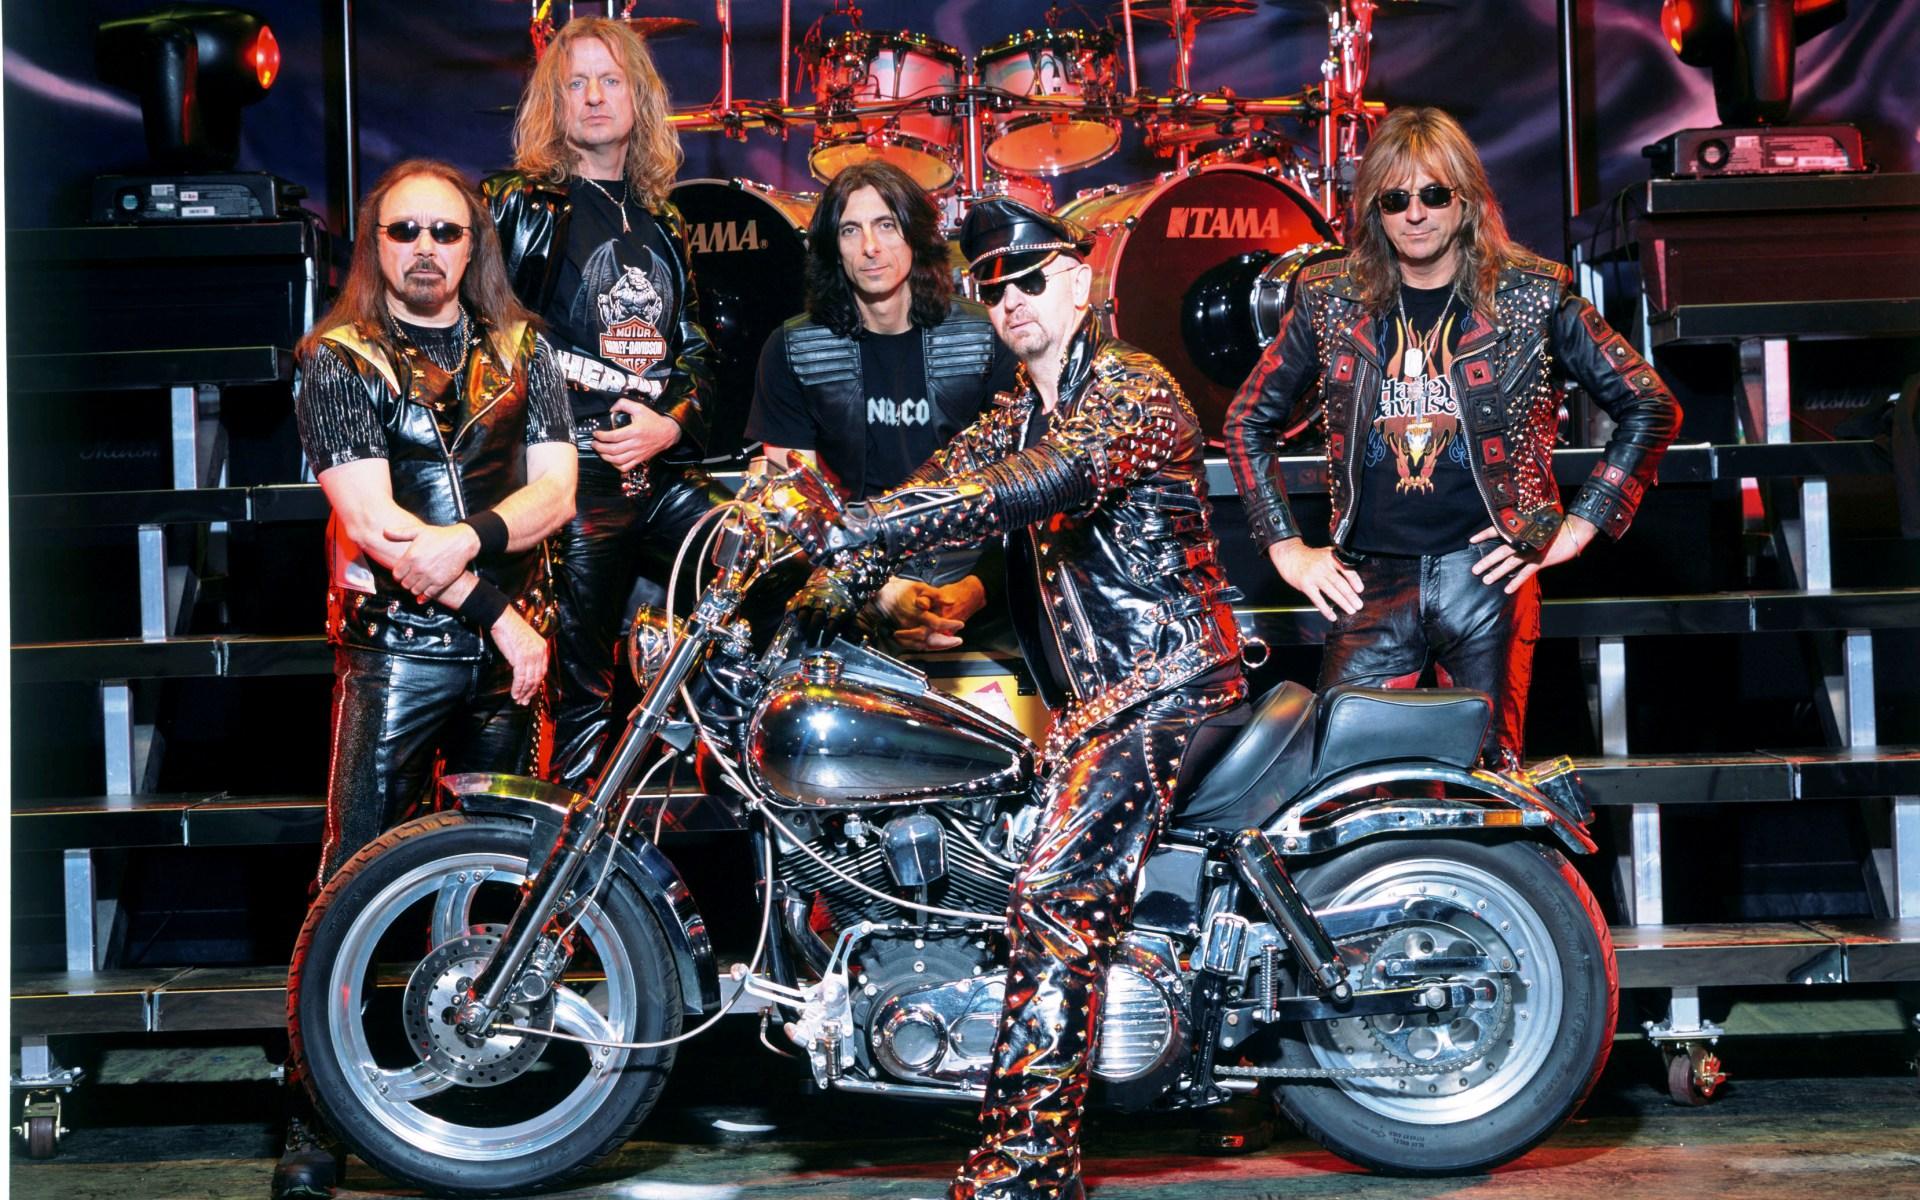 скачать картинки хеви метал